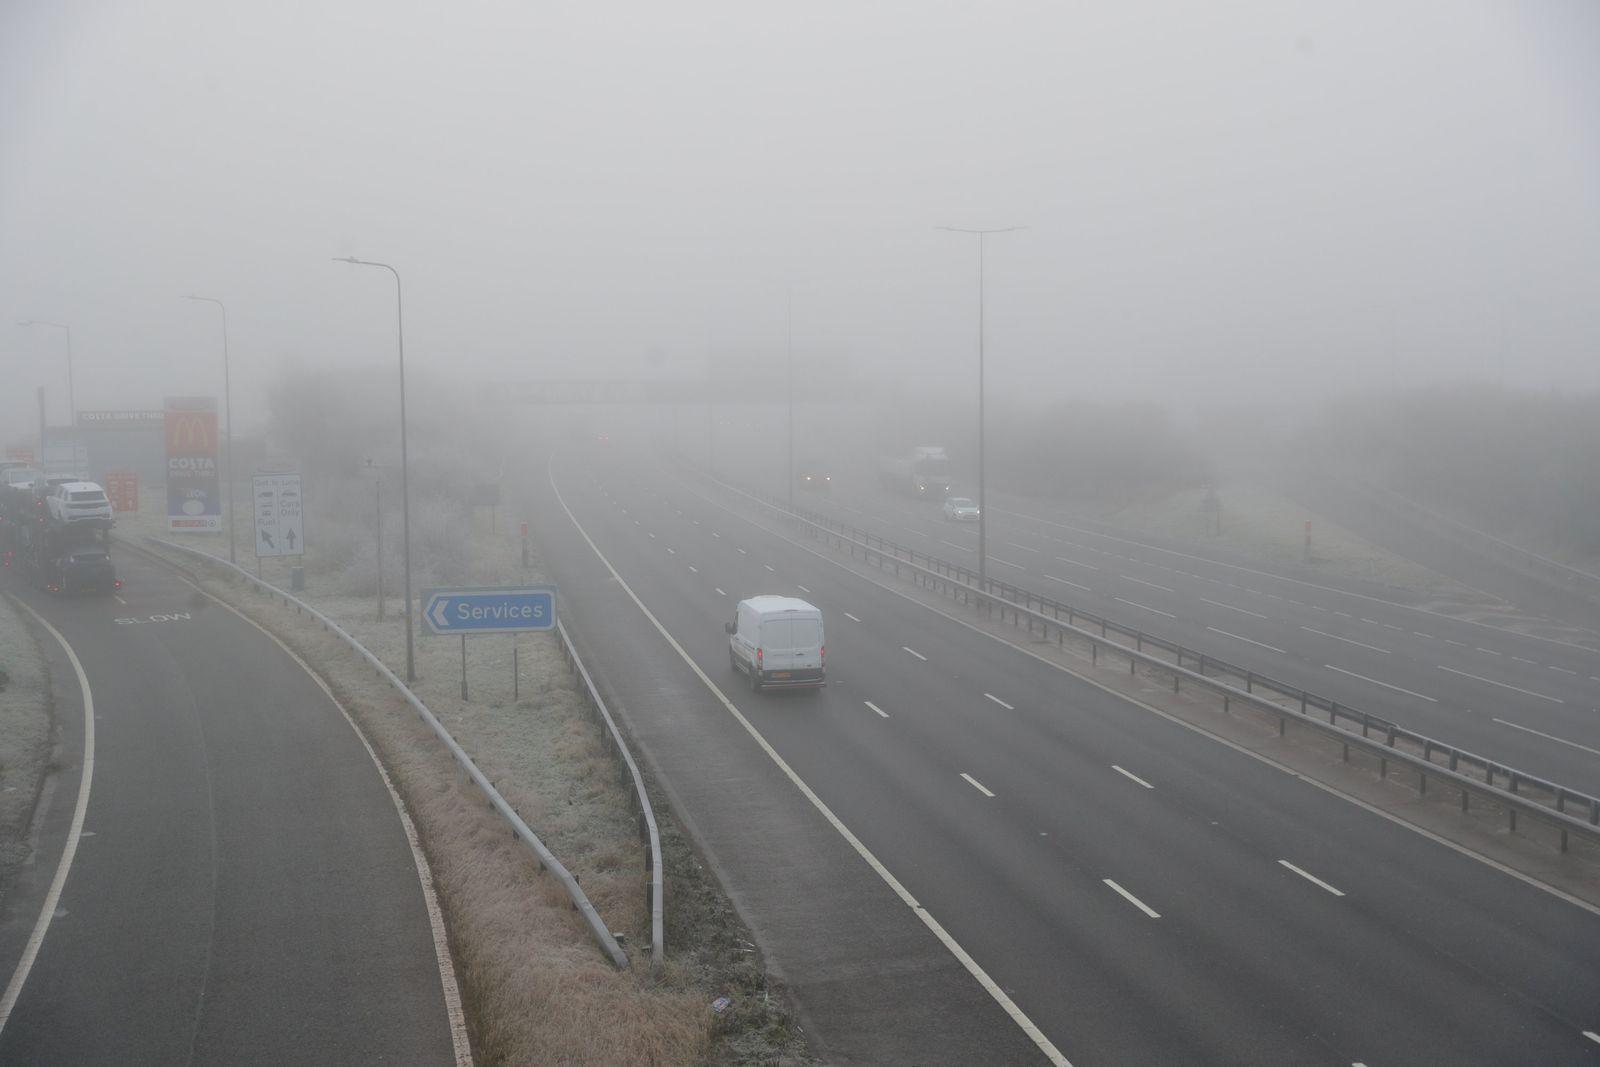 Wetter in Großbritannien